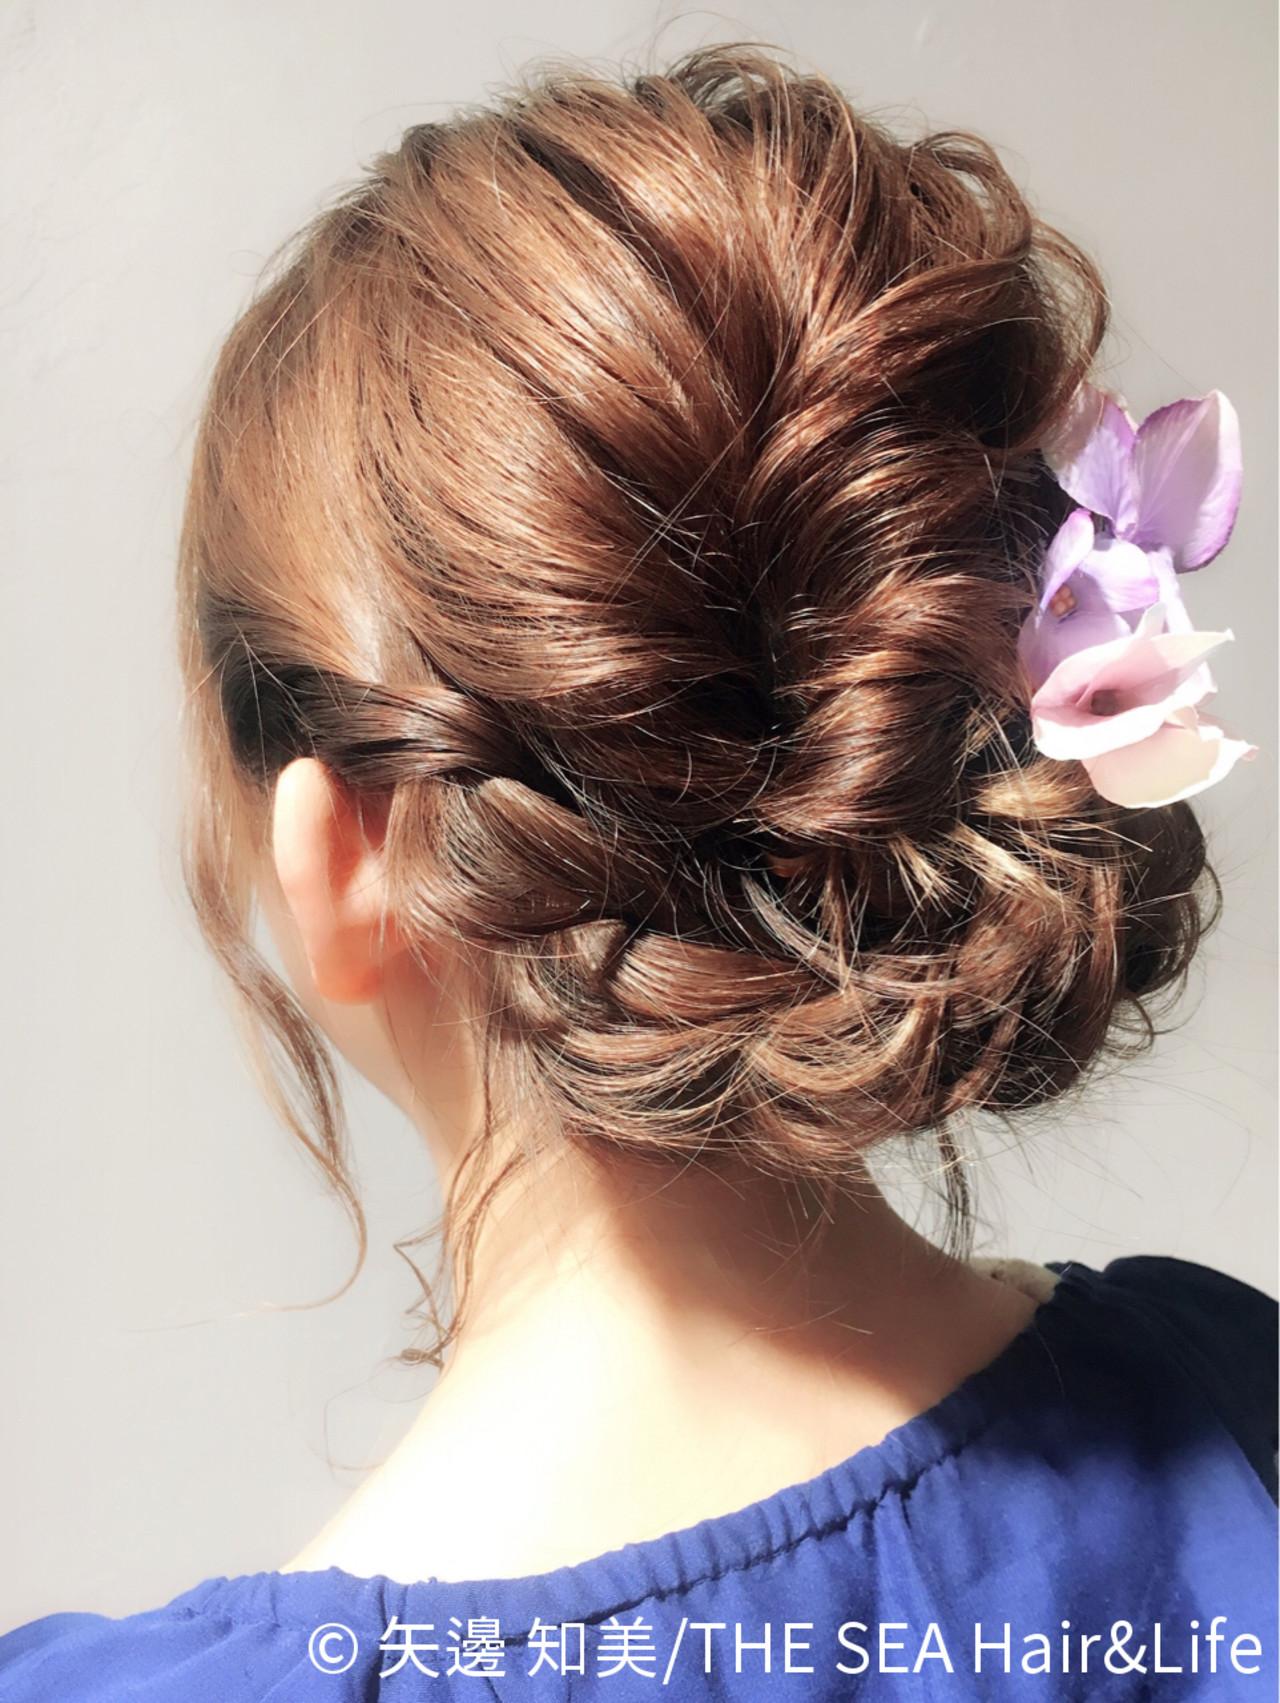 ヘアアレンジ 結婚式 ゆるふわ ボブ ヘアスタイルや髪型の写真・画像